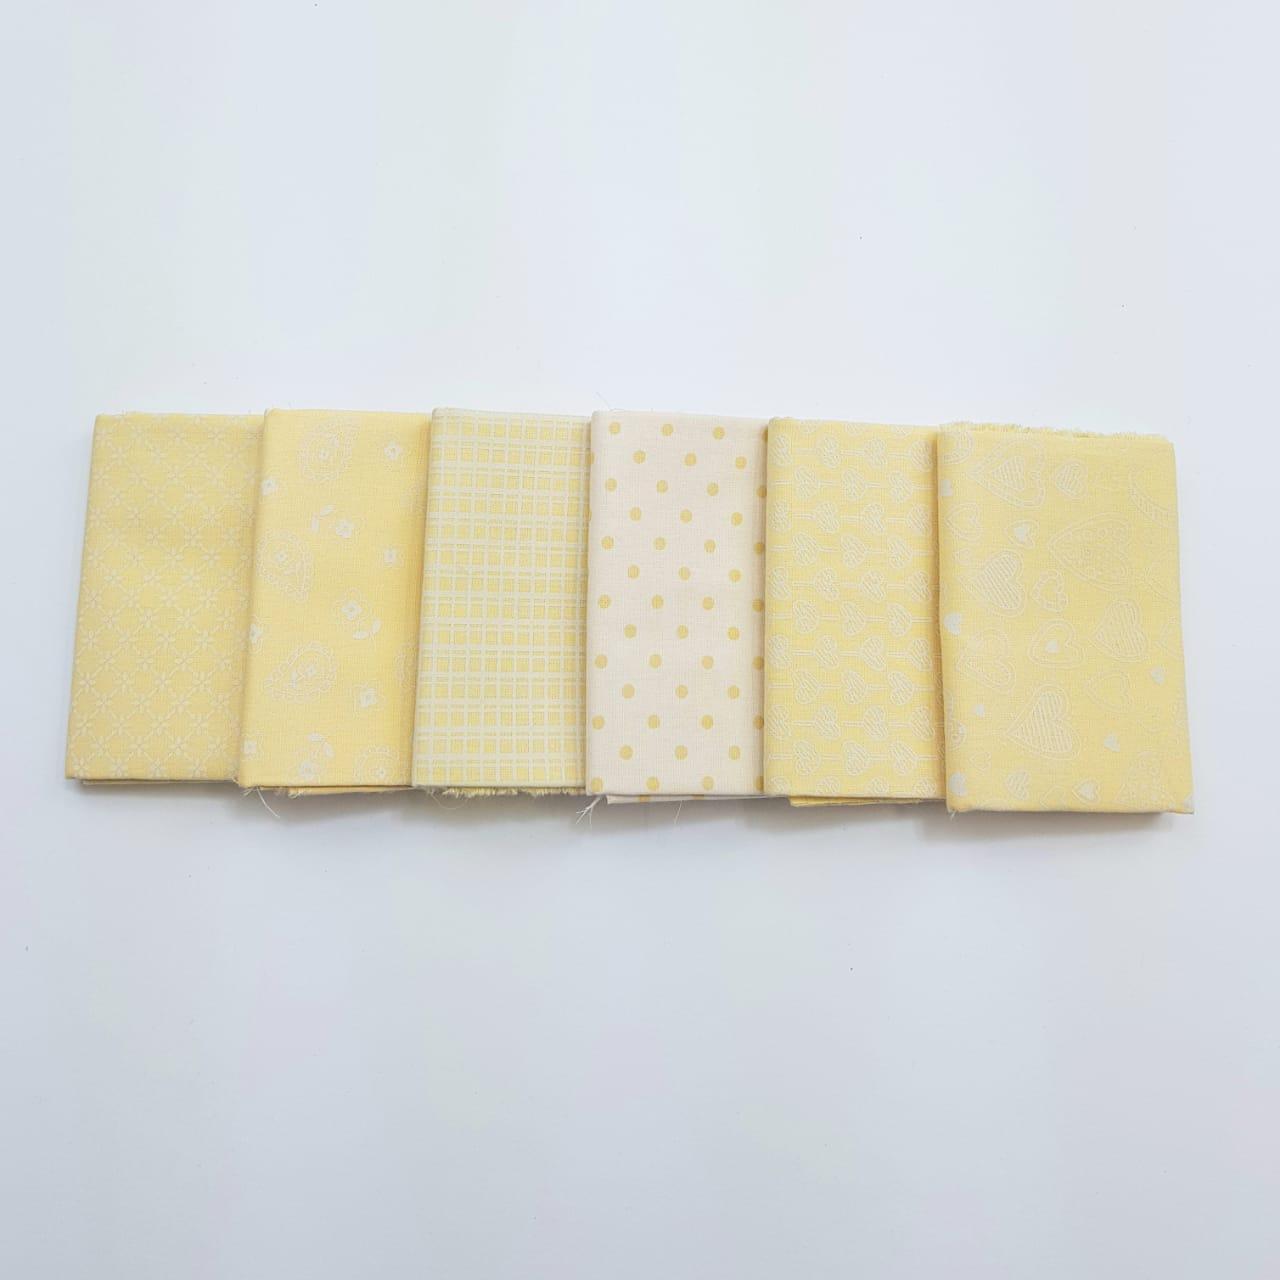 kit romântico amarelo / 6 estampas - 0,25 x 0,75cm